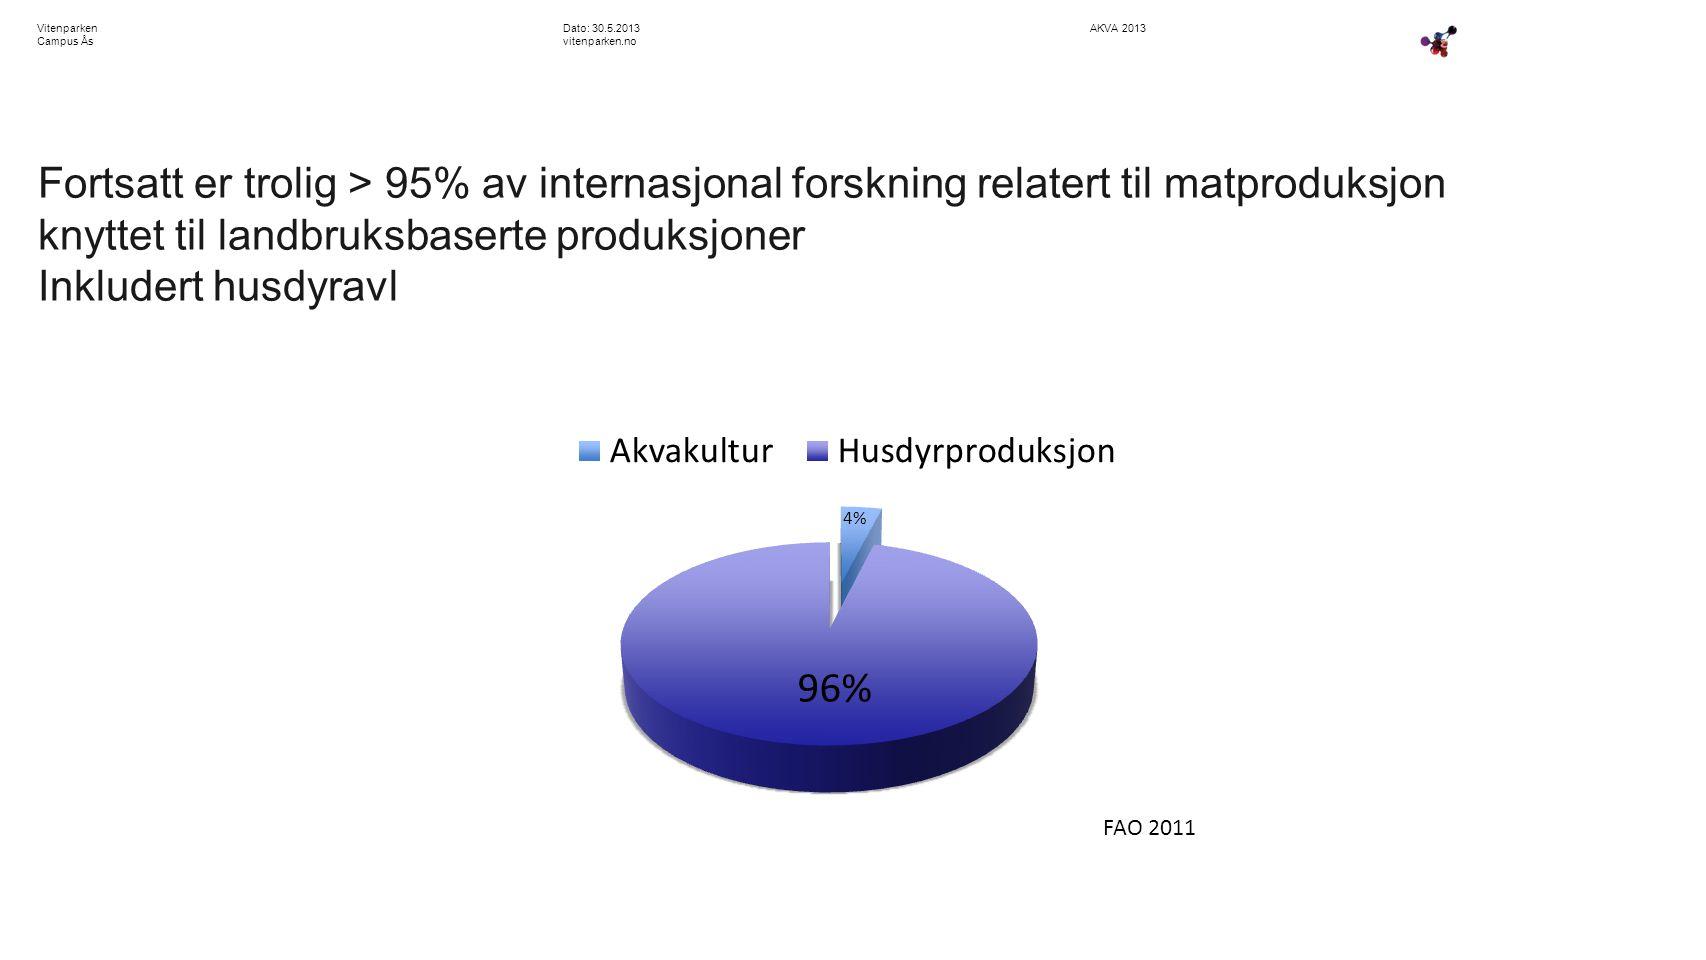 AKVA 2013Dato: 30.5.2013 vitenparken.no Vitenparken Campus Ås Fortsatt er trolig > 95% av internasjonal forskning relatert til matproduksjon knyttet til landbruksbaserte produksjoner Inkludert husdyravl FAO 2011